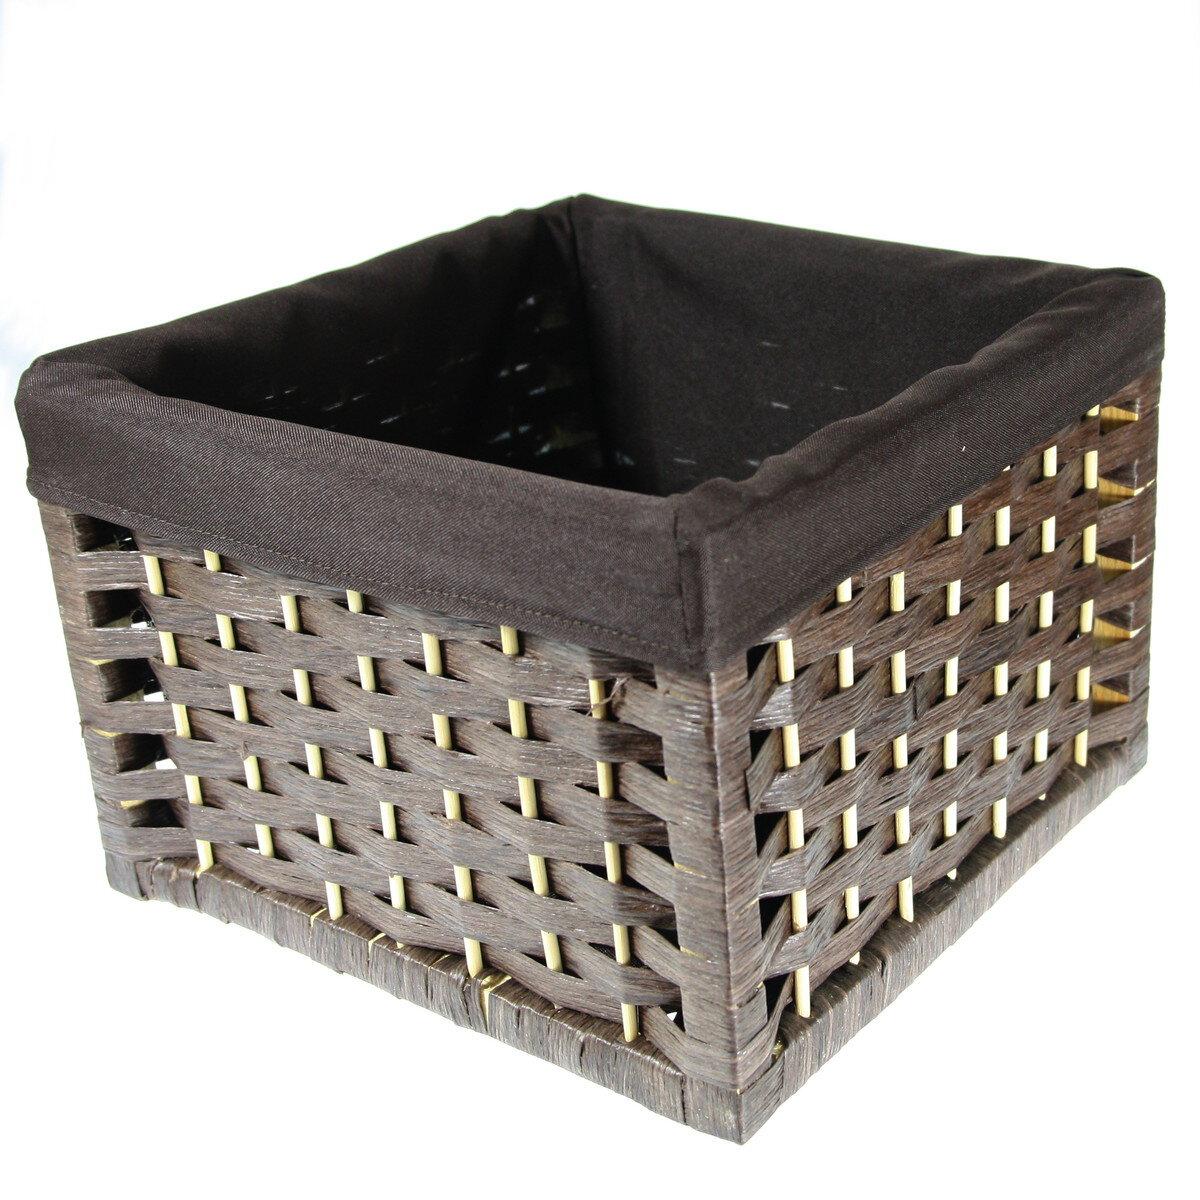 Wiklinowe Koszyki Dekoracyjne Kwadrat Brązowy Jd9510